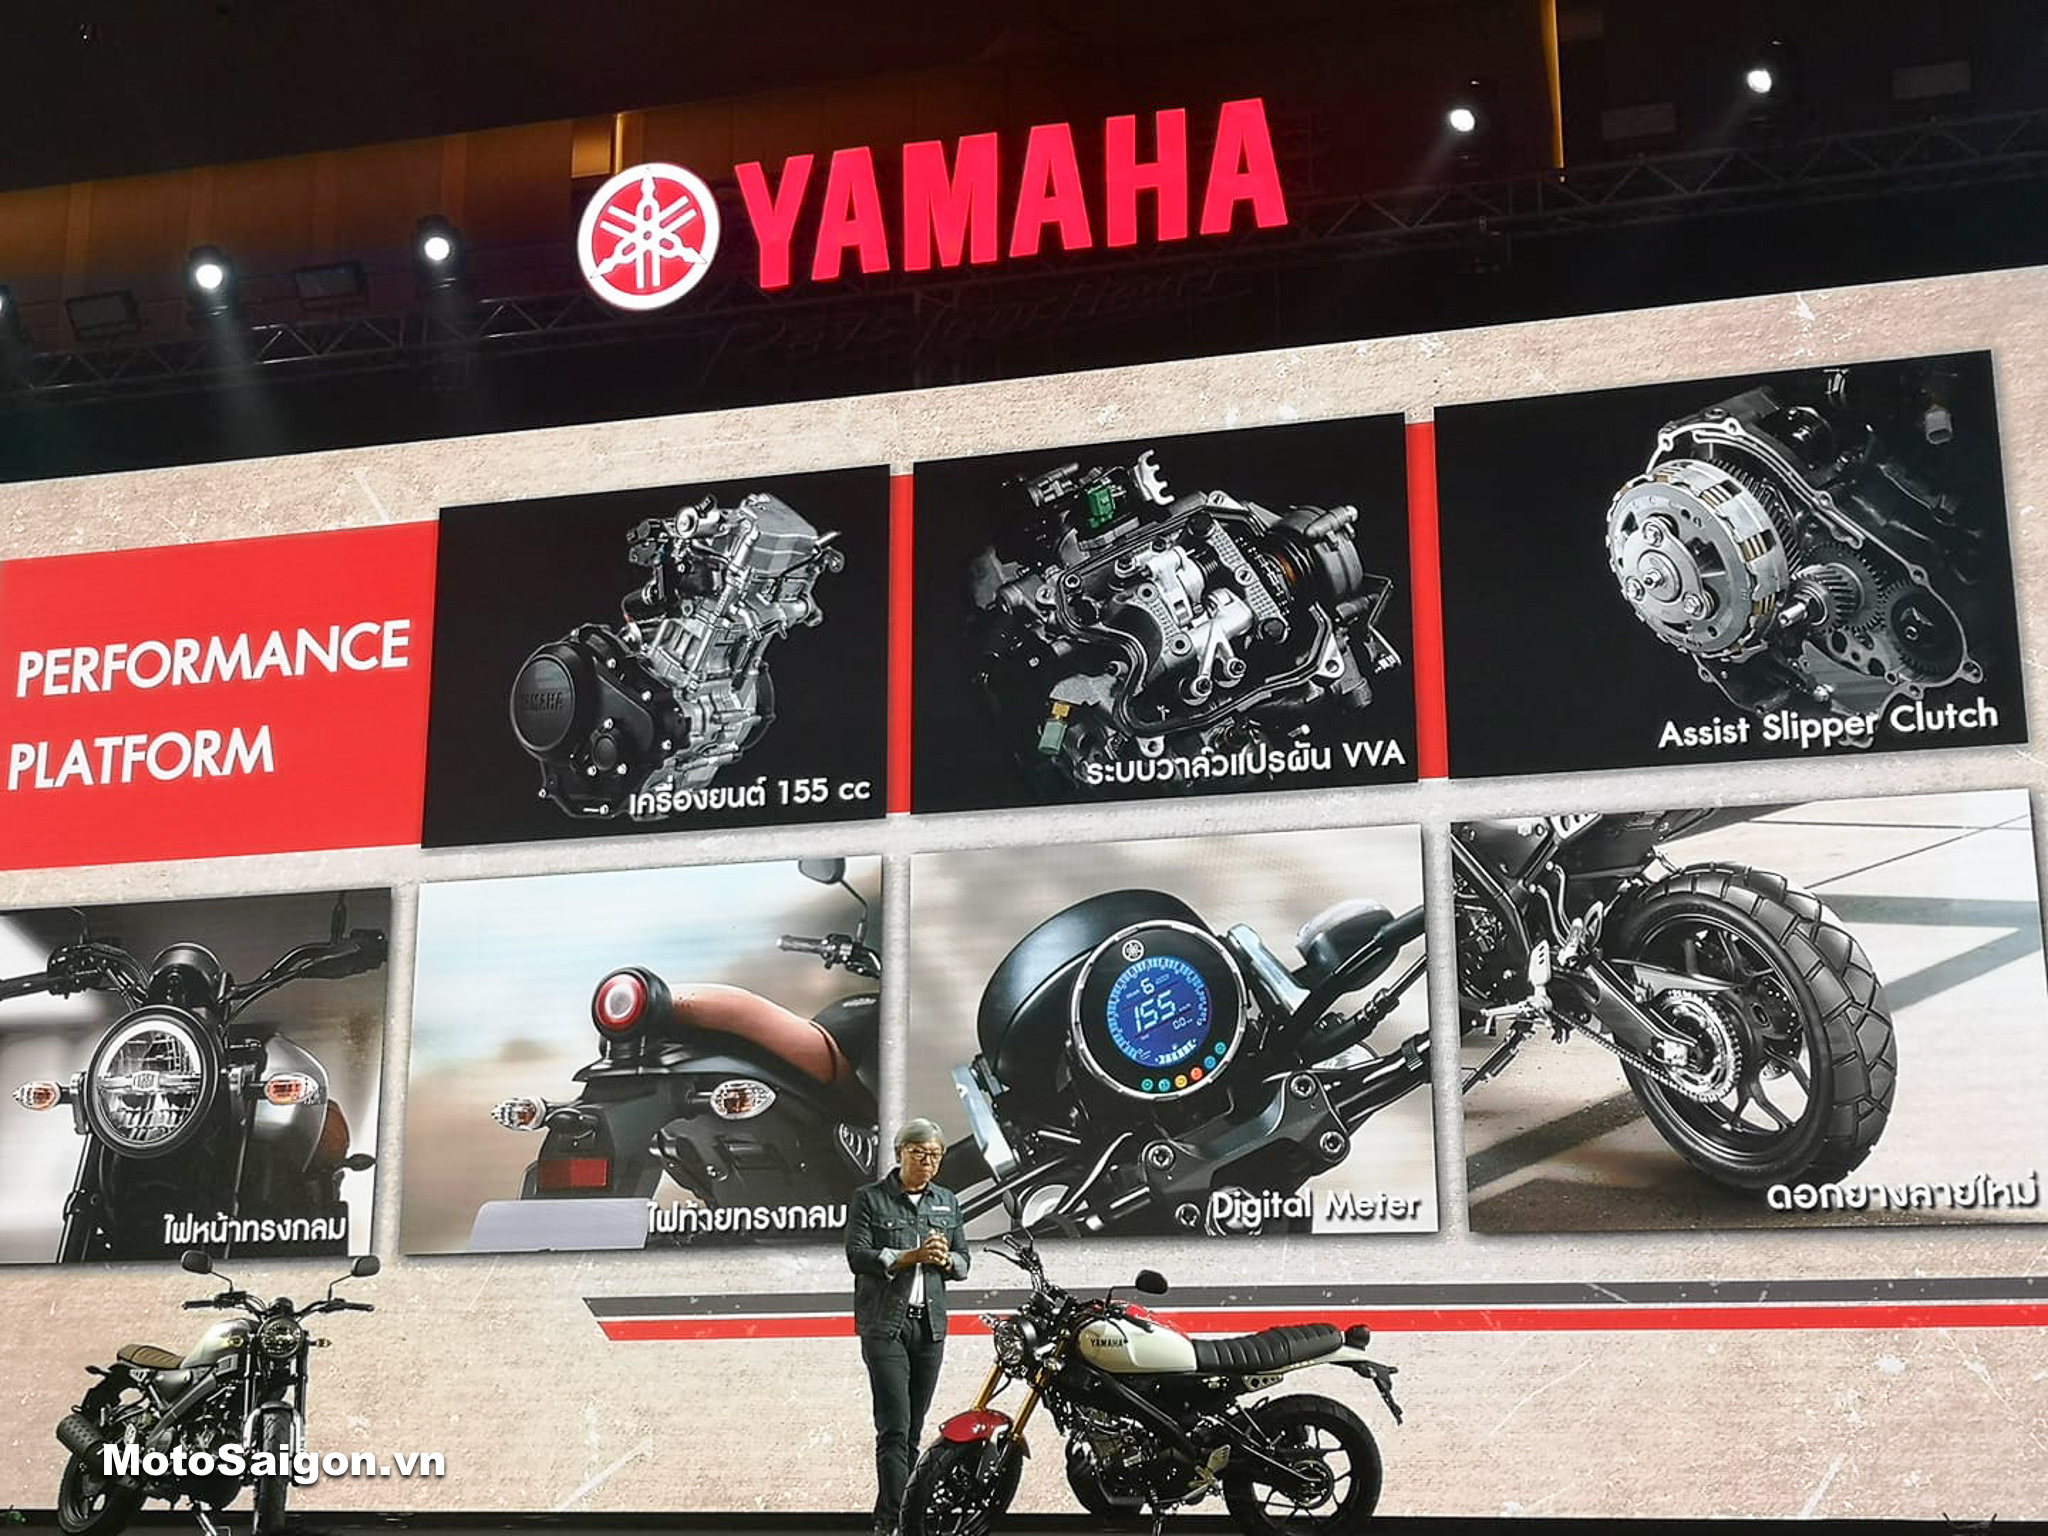 Đánh giá xe Yamaha XSR155 về ngoại hình kèm giá bán